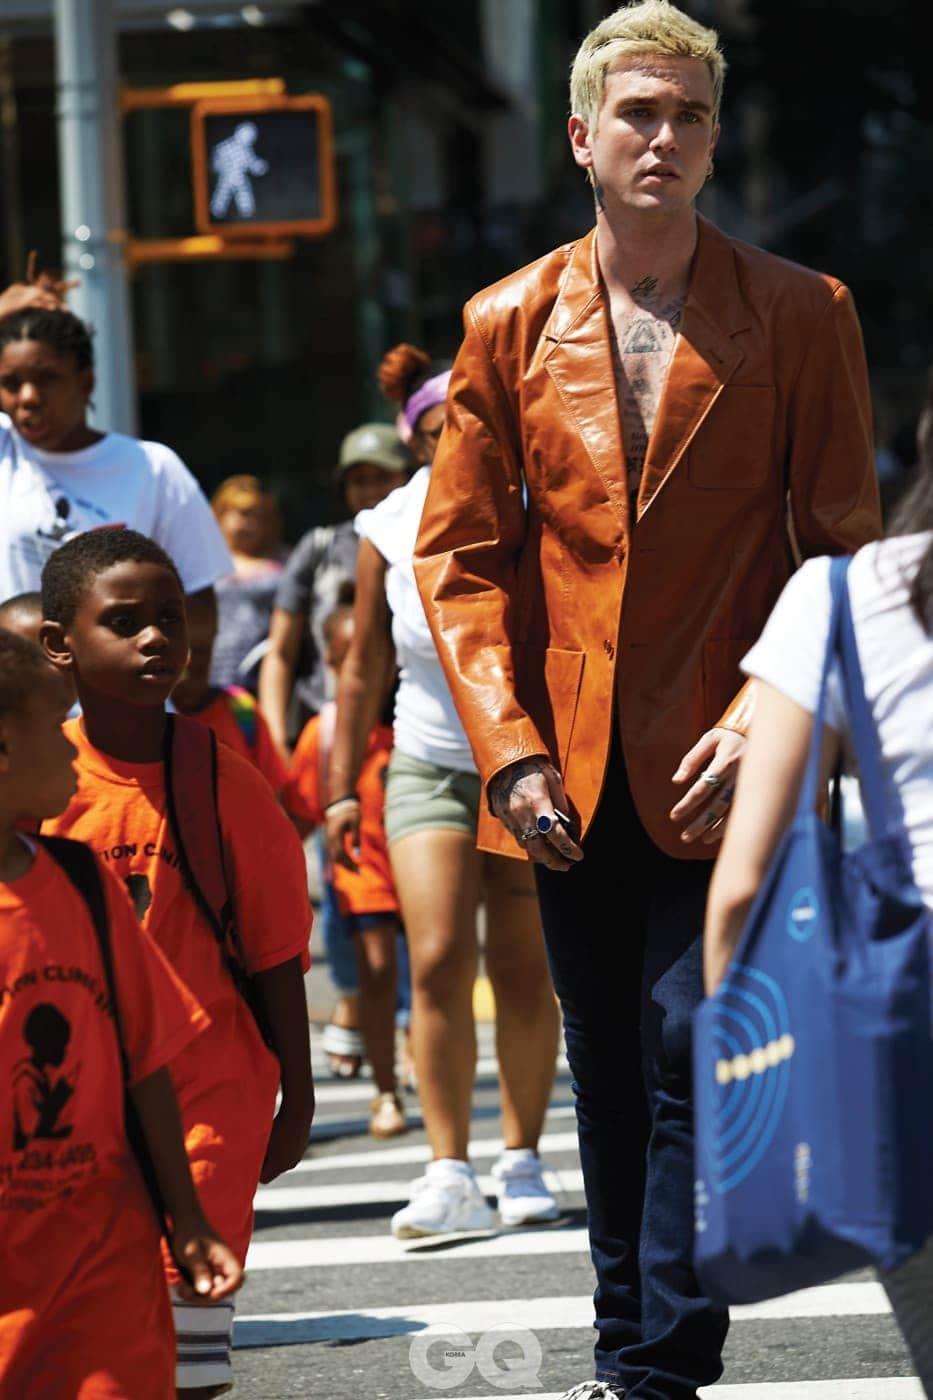 카프 스킨 레더 재킷 가격 미정, 데님 팬츠 가격 미정, 모두 발렌시아가.